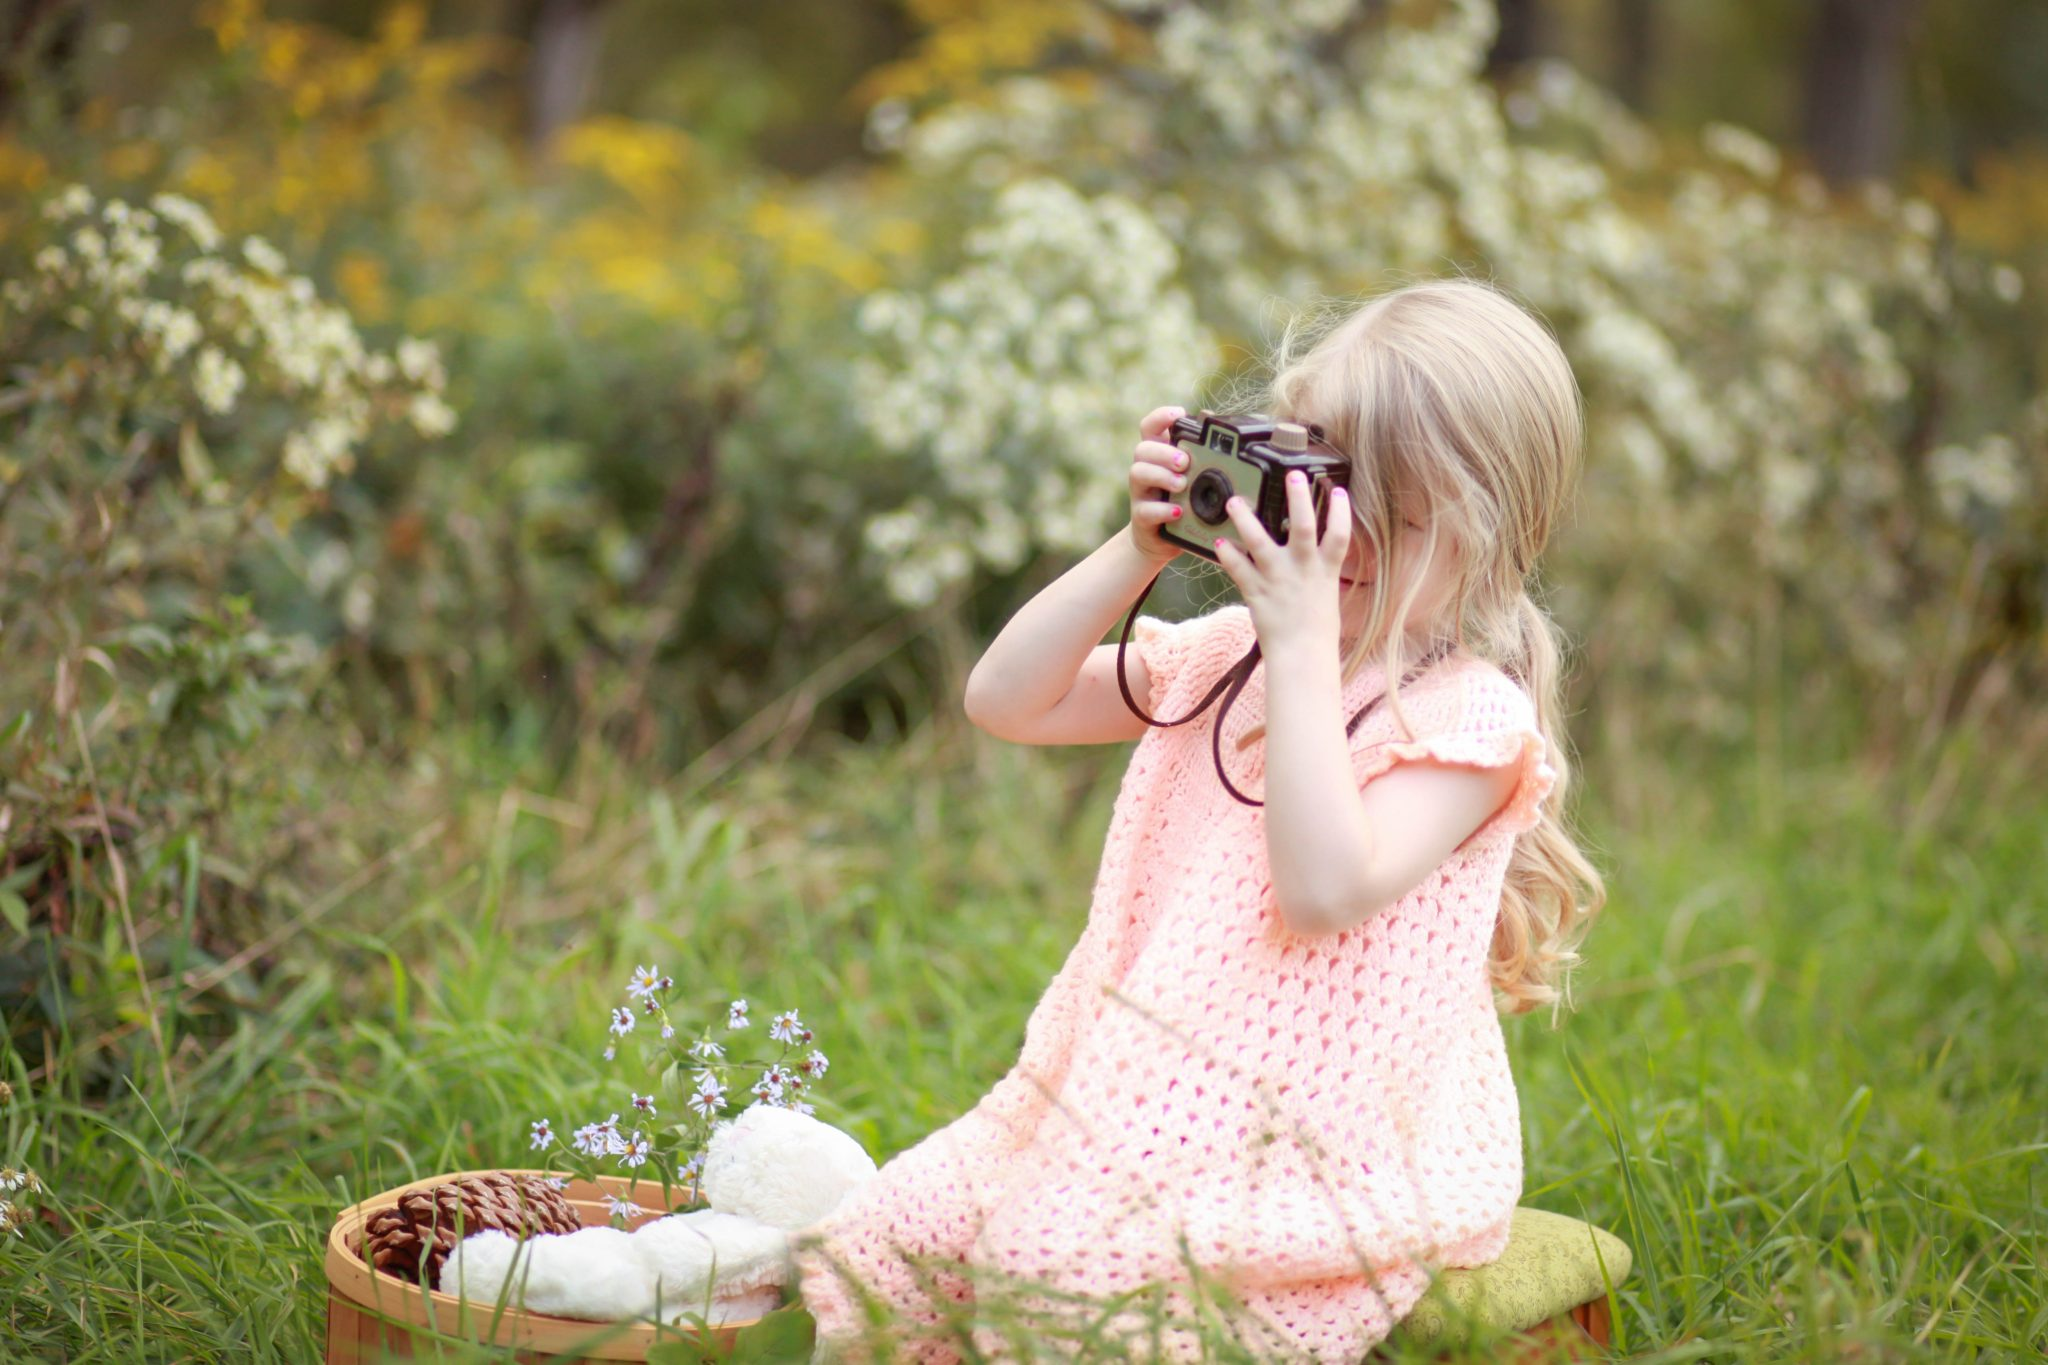 Cours photos - Ateliers photos Enfants - Haute-Savoie - Genève - Annecy - Minzier